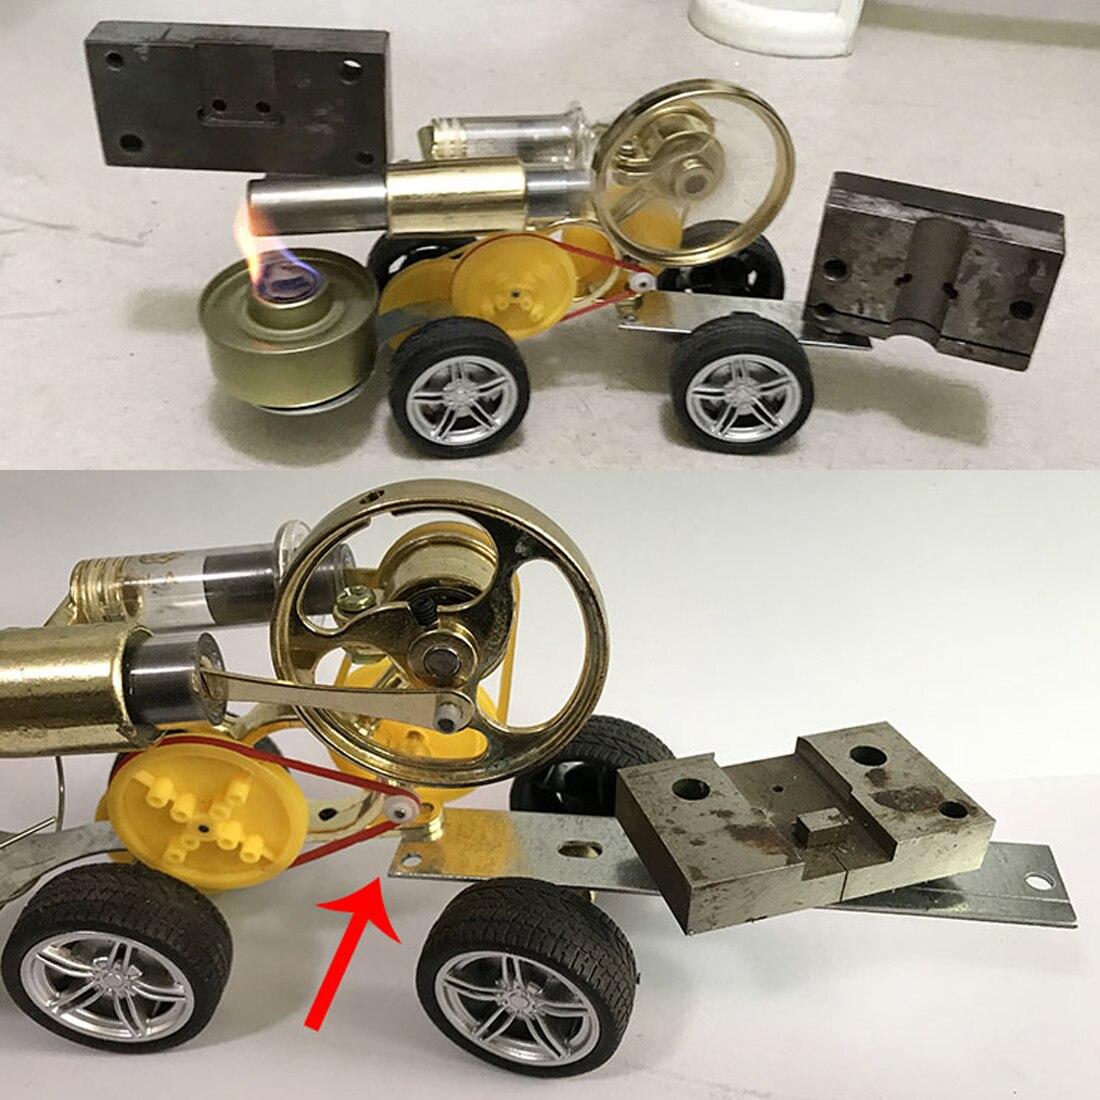 Stirling moteur conduite voiture modèle soutien enfants apprentissage Science ensemble classe enseignement jouet Kit Science éducatif apprentissage jouet - 3